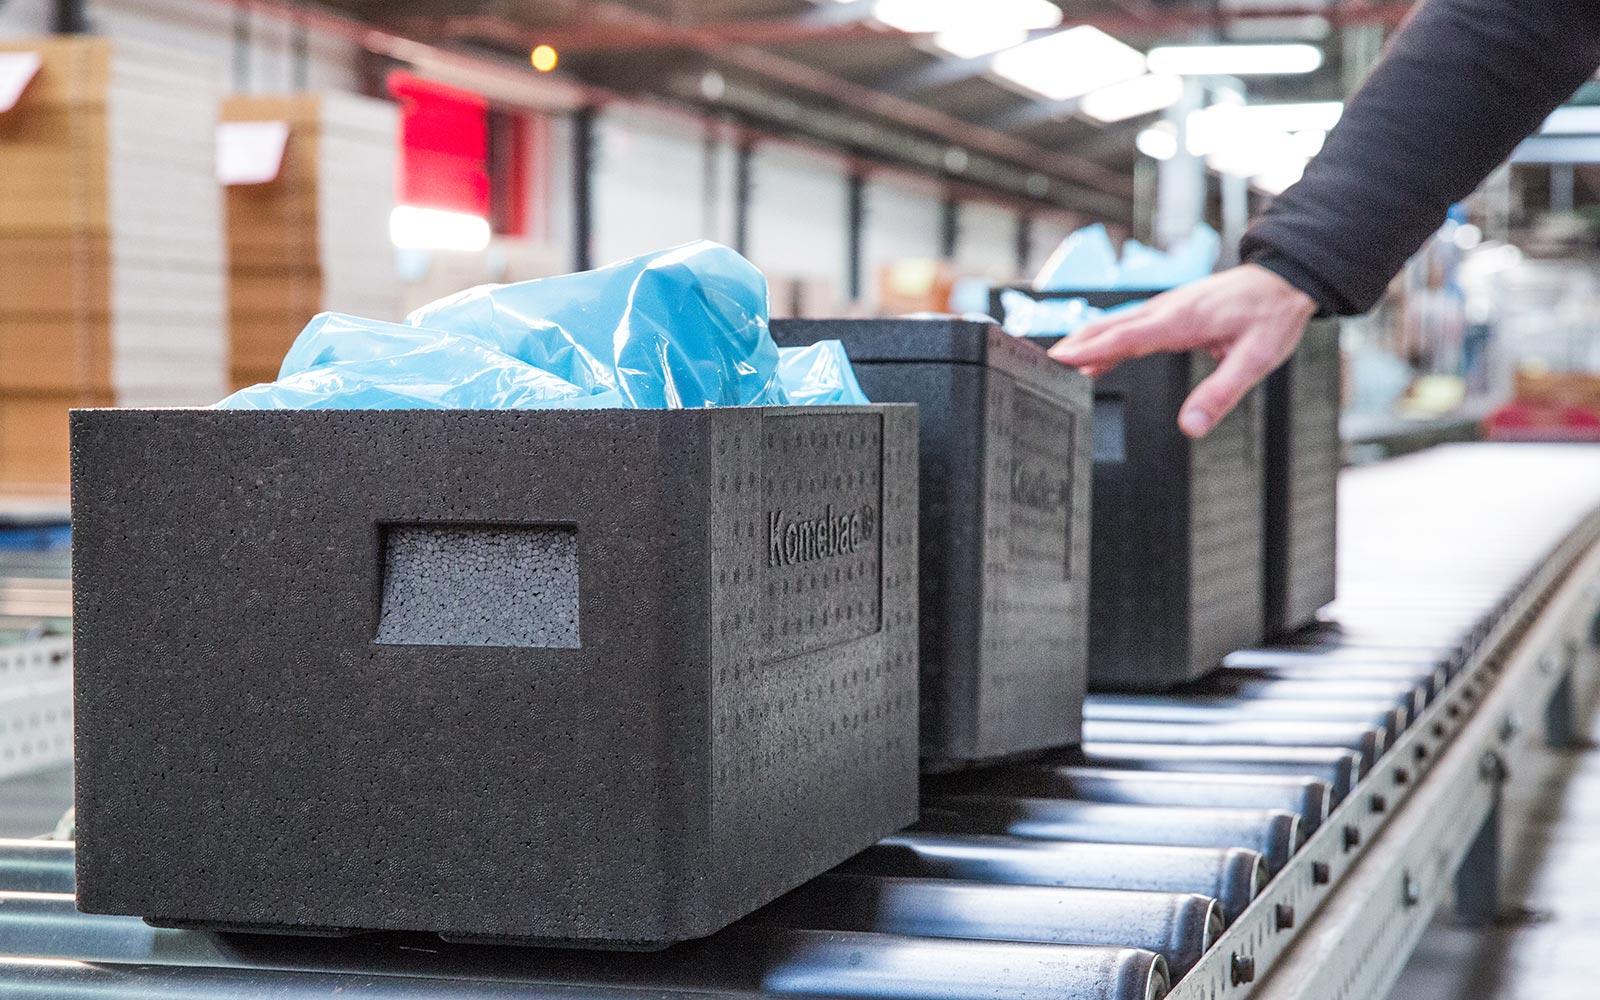 Упаковка Komebac® упрощает внутреннюю транспортную логистику и утилизацию отходов упаковки